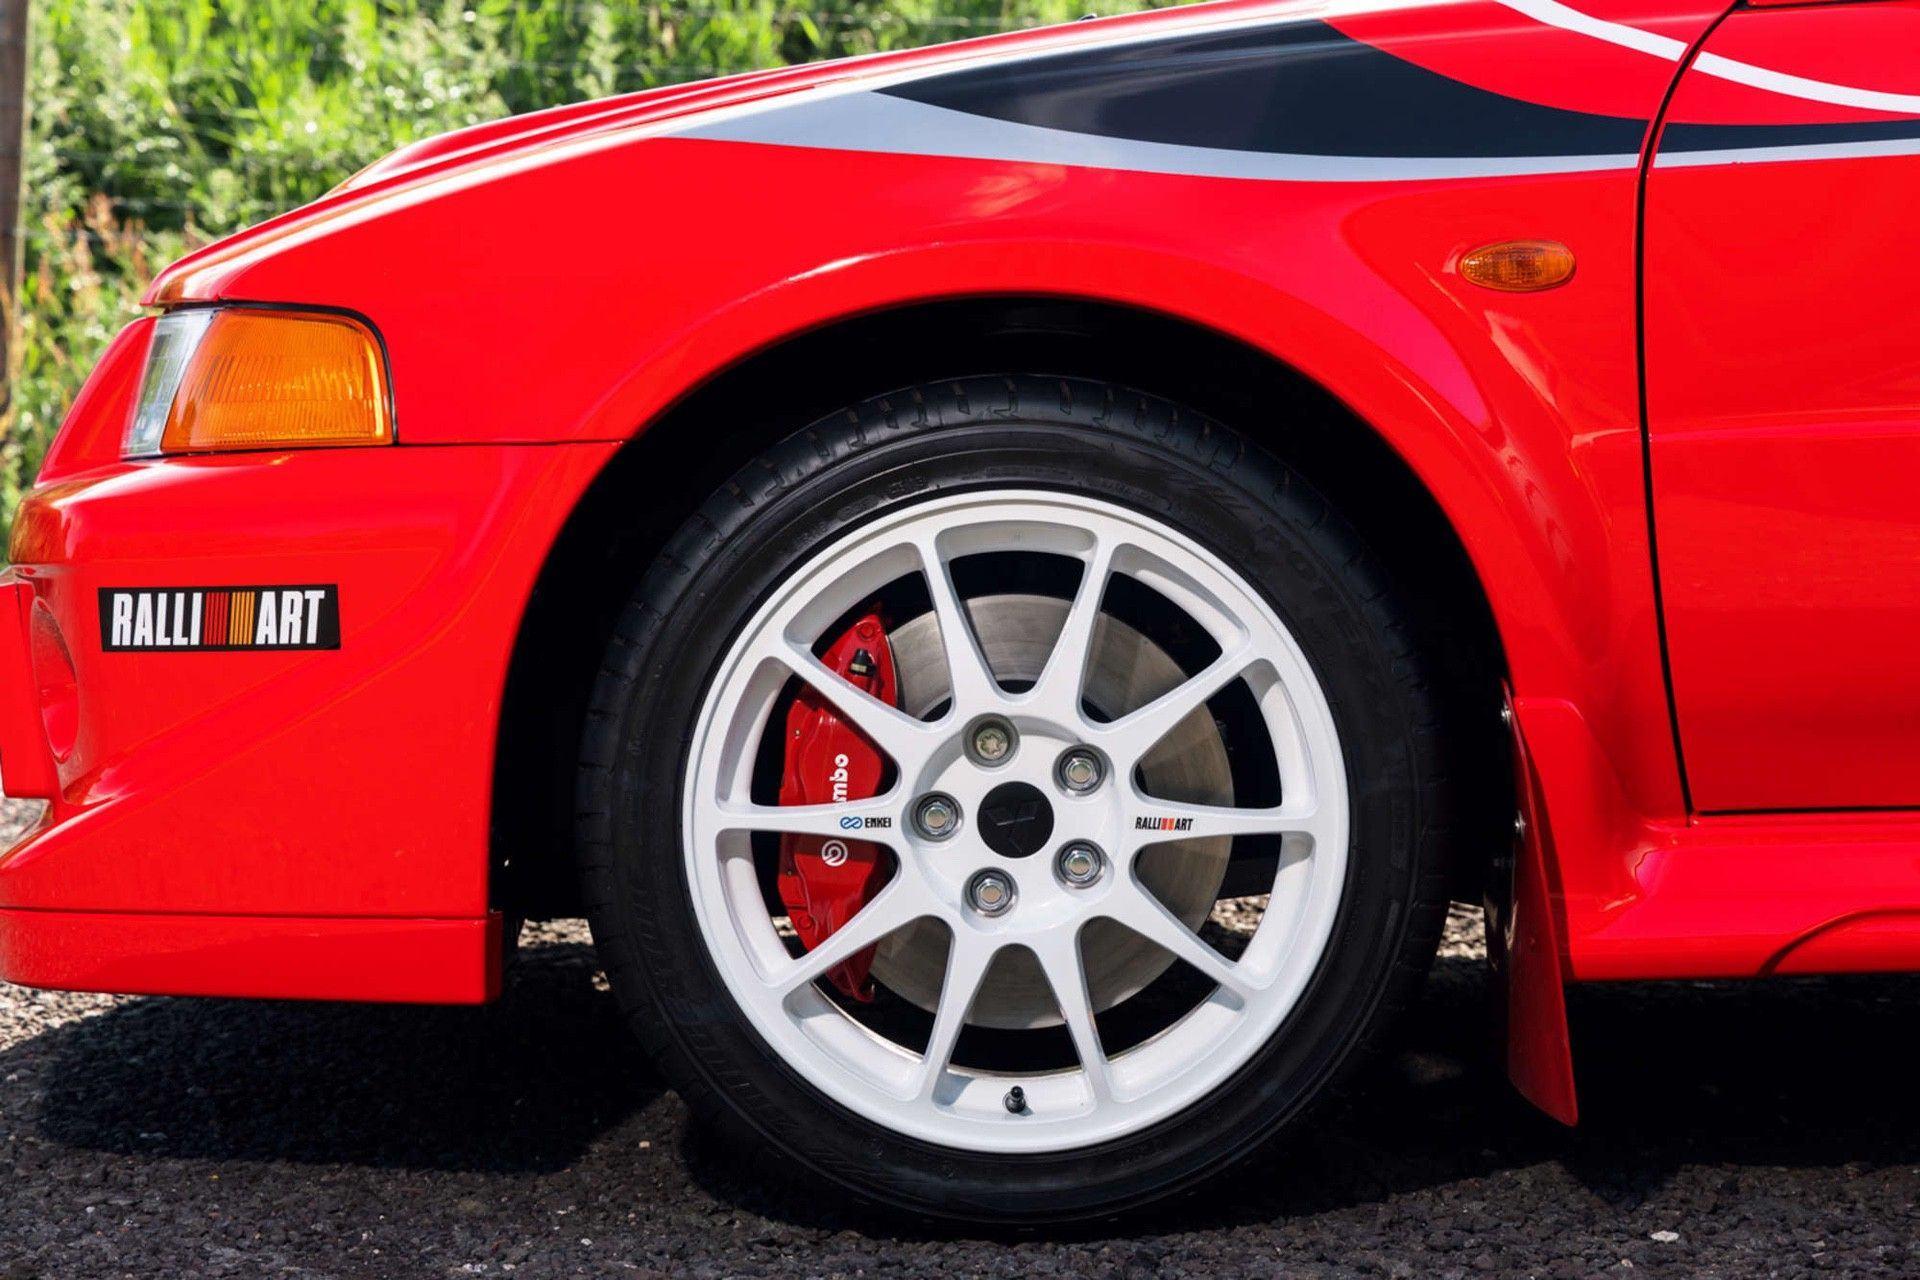 2000_Mitsubishi_Lancer_Evolution_VI_Tommi_Makinen_Edition_sale-0000